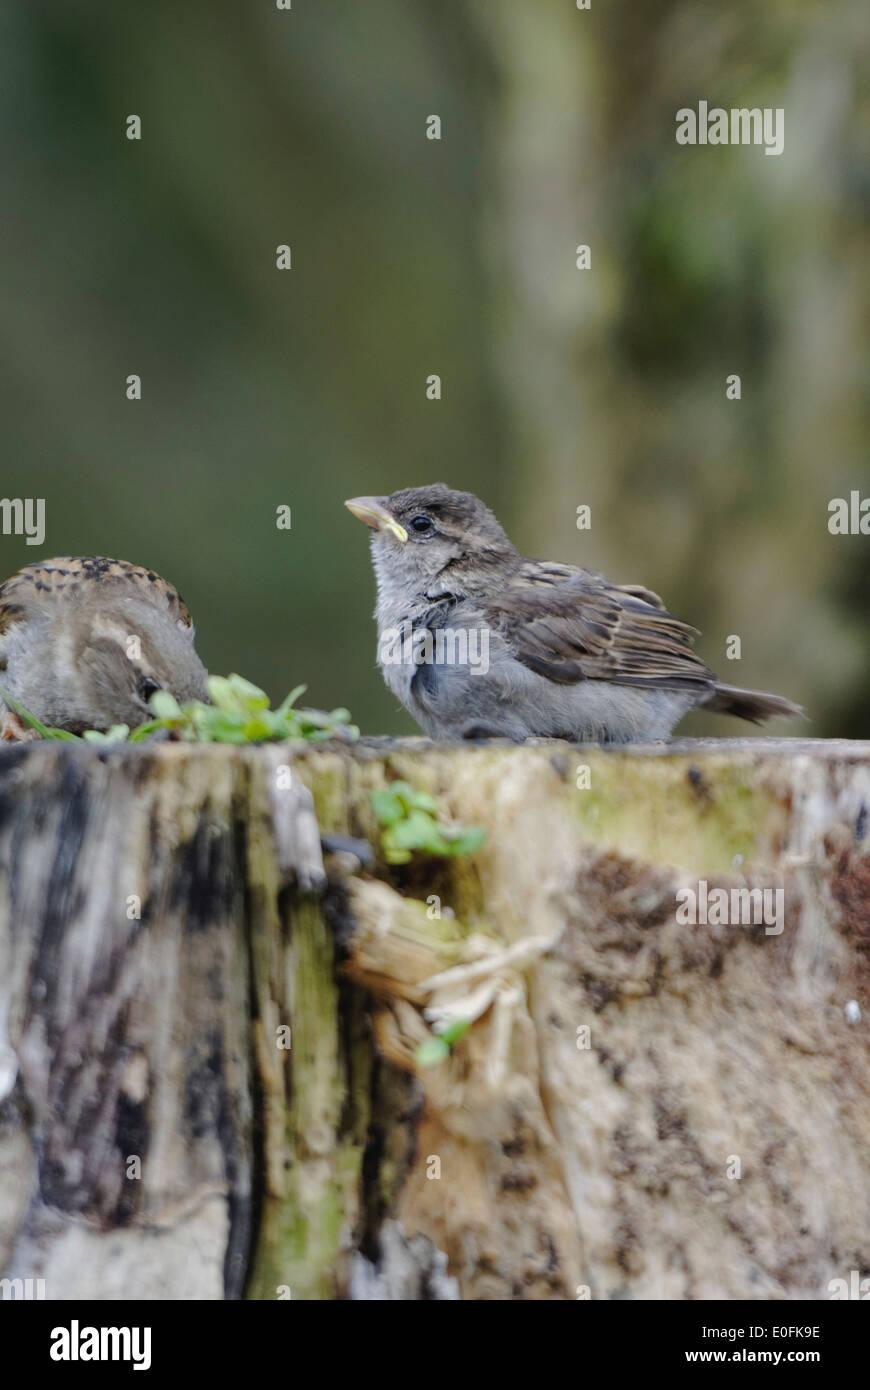 Les oiseaux de jardin au Pays de Galles: sparrow nourrit son jeune et exigeant sur les jeunes trouvés sur une souche d'arbre Banque D'Images